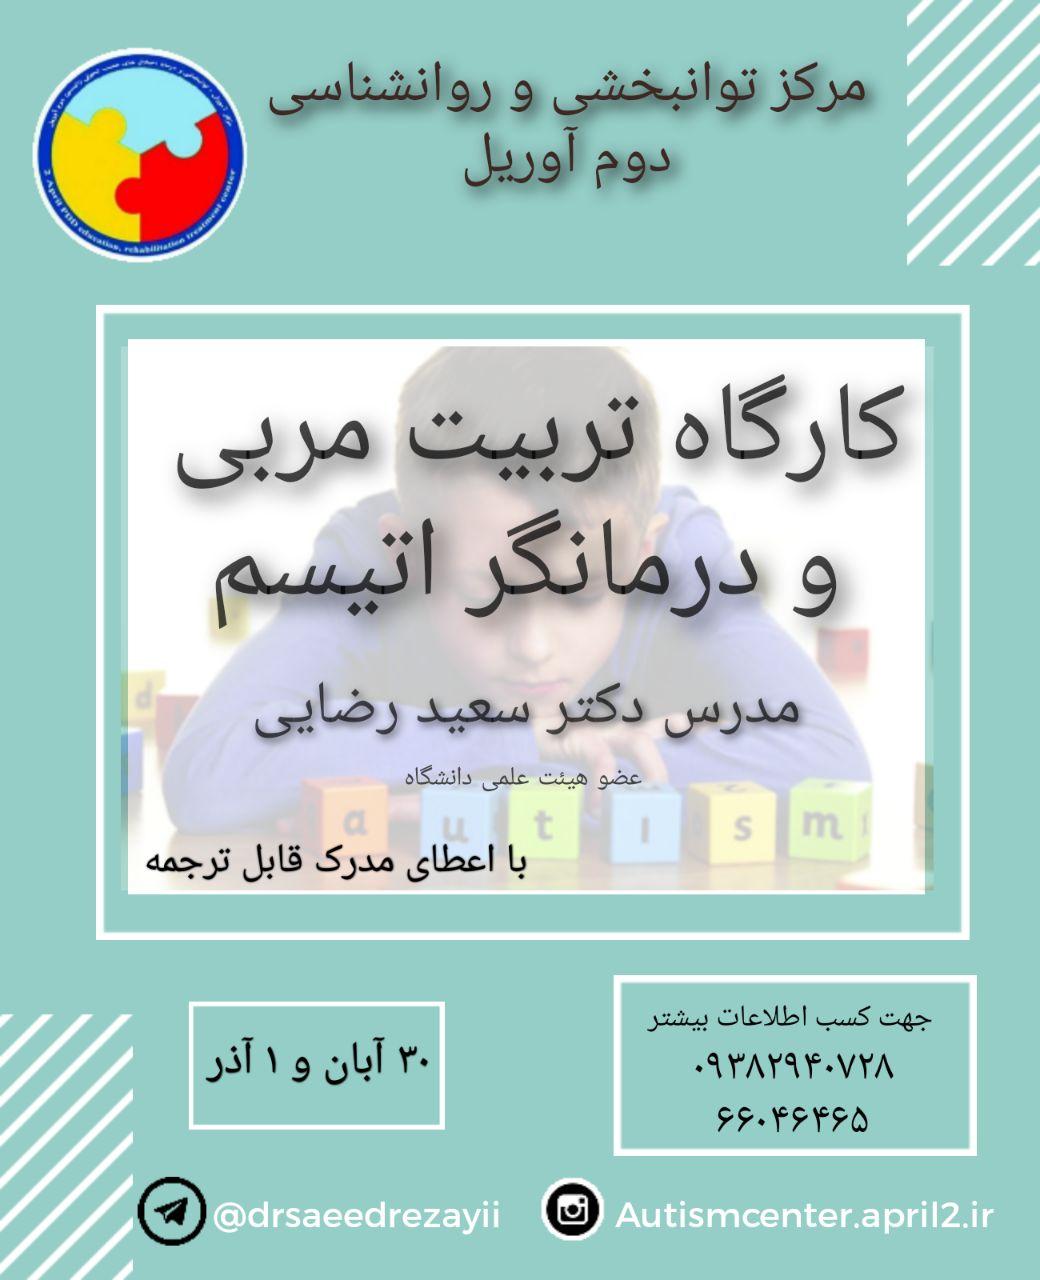 کارگاه تربیت مربی و درمانگری اتیسم در تهران